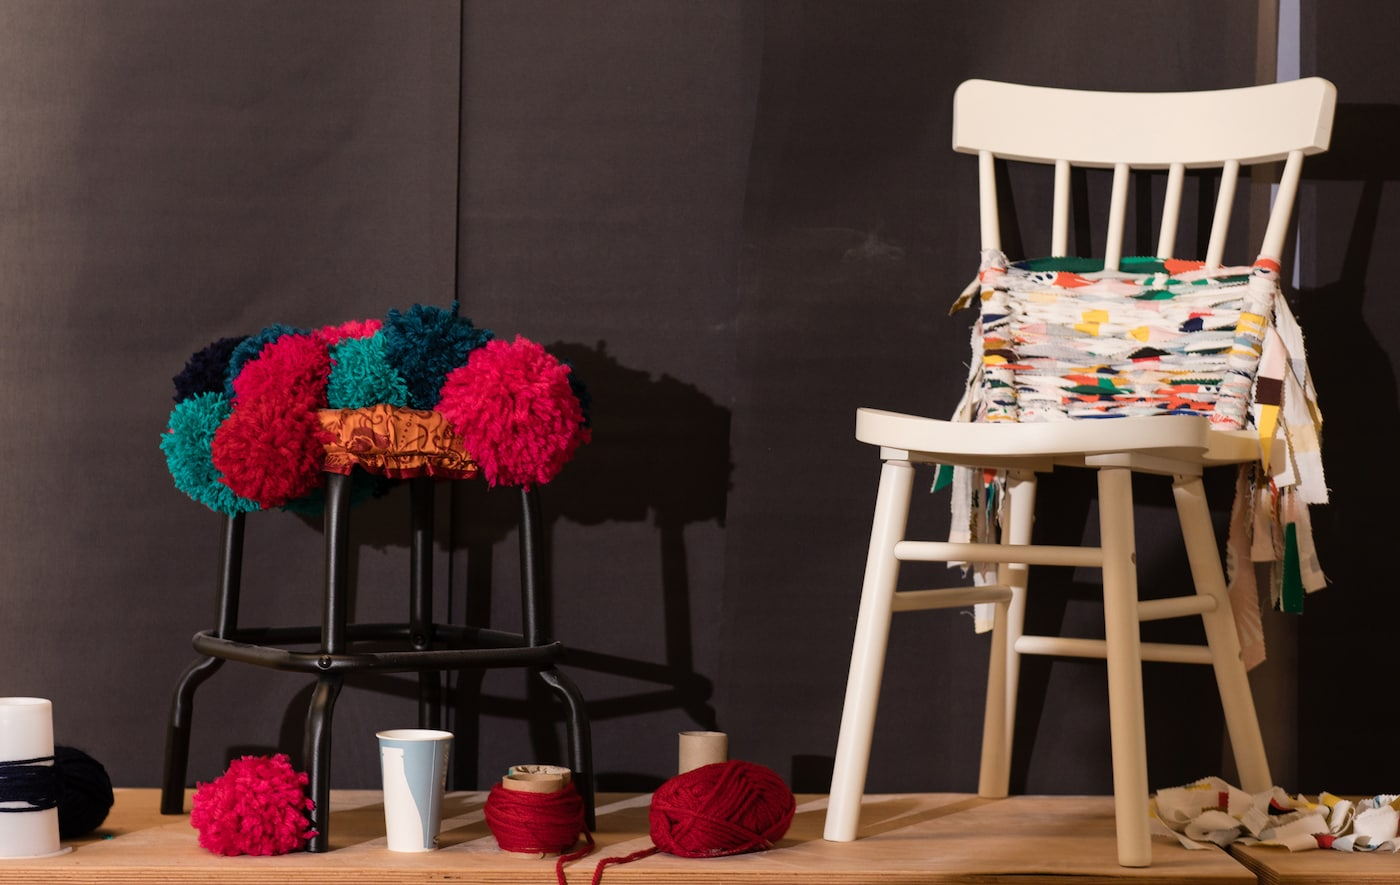 Sgabello nero decorato con pompon di lana e sedia bianca decorata con scampoli di tessuto - IKEA